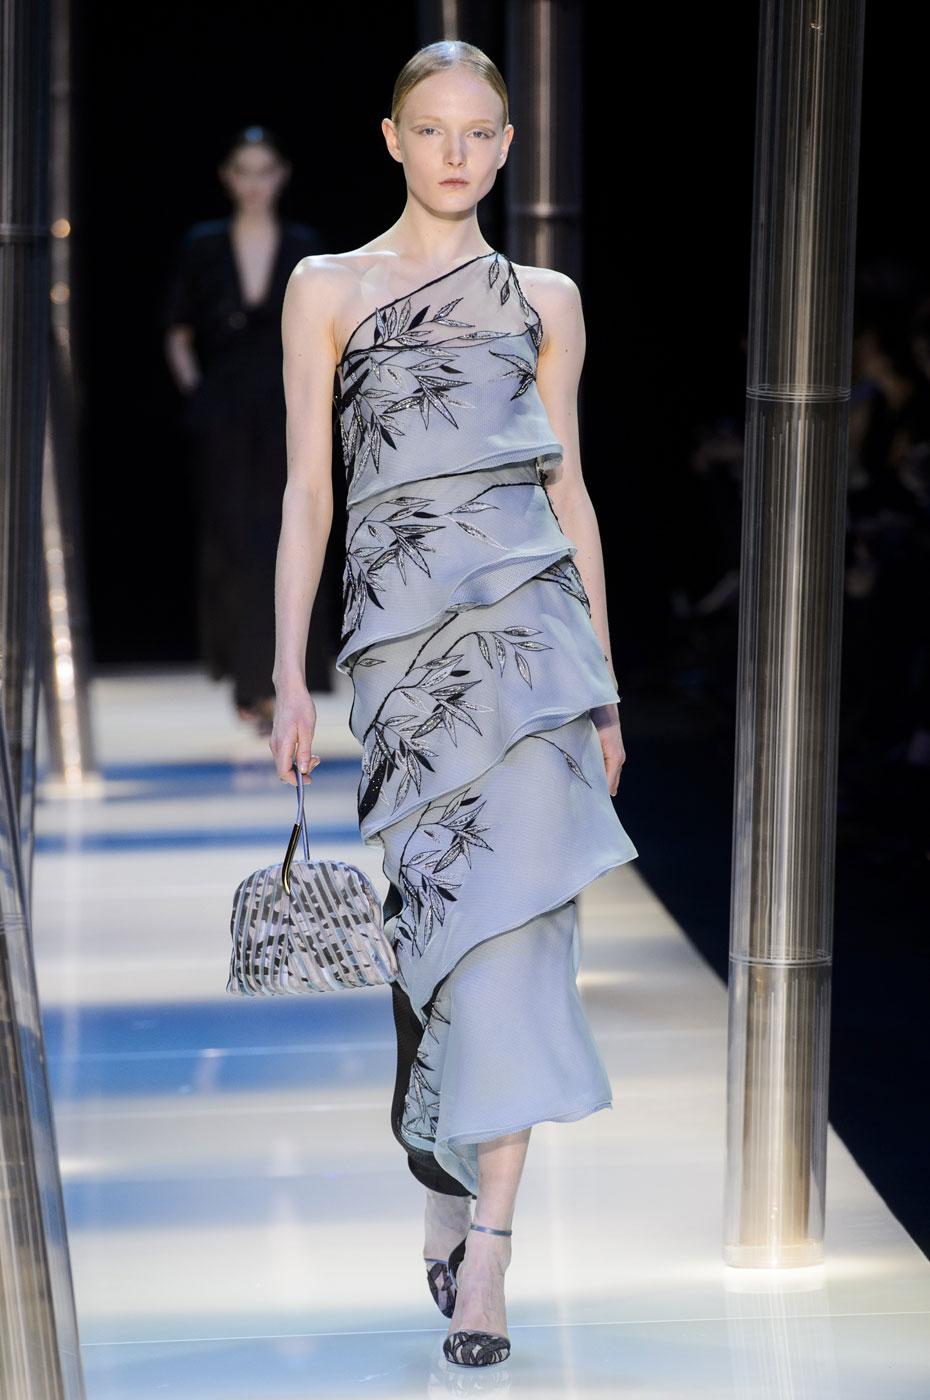 Giorgio-armani-Prive-fashion-runway-show-haute-couture-paris-spring-2015-the-impression-095